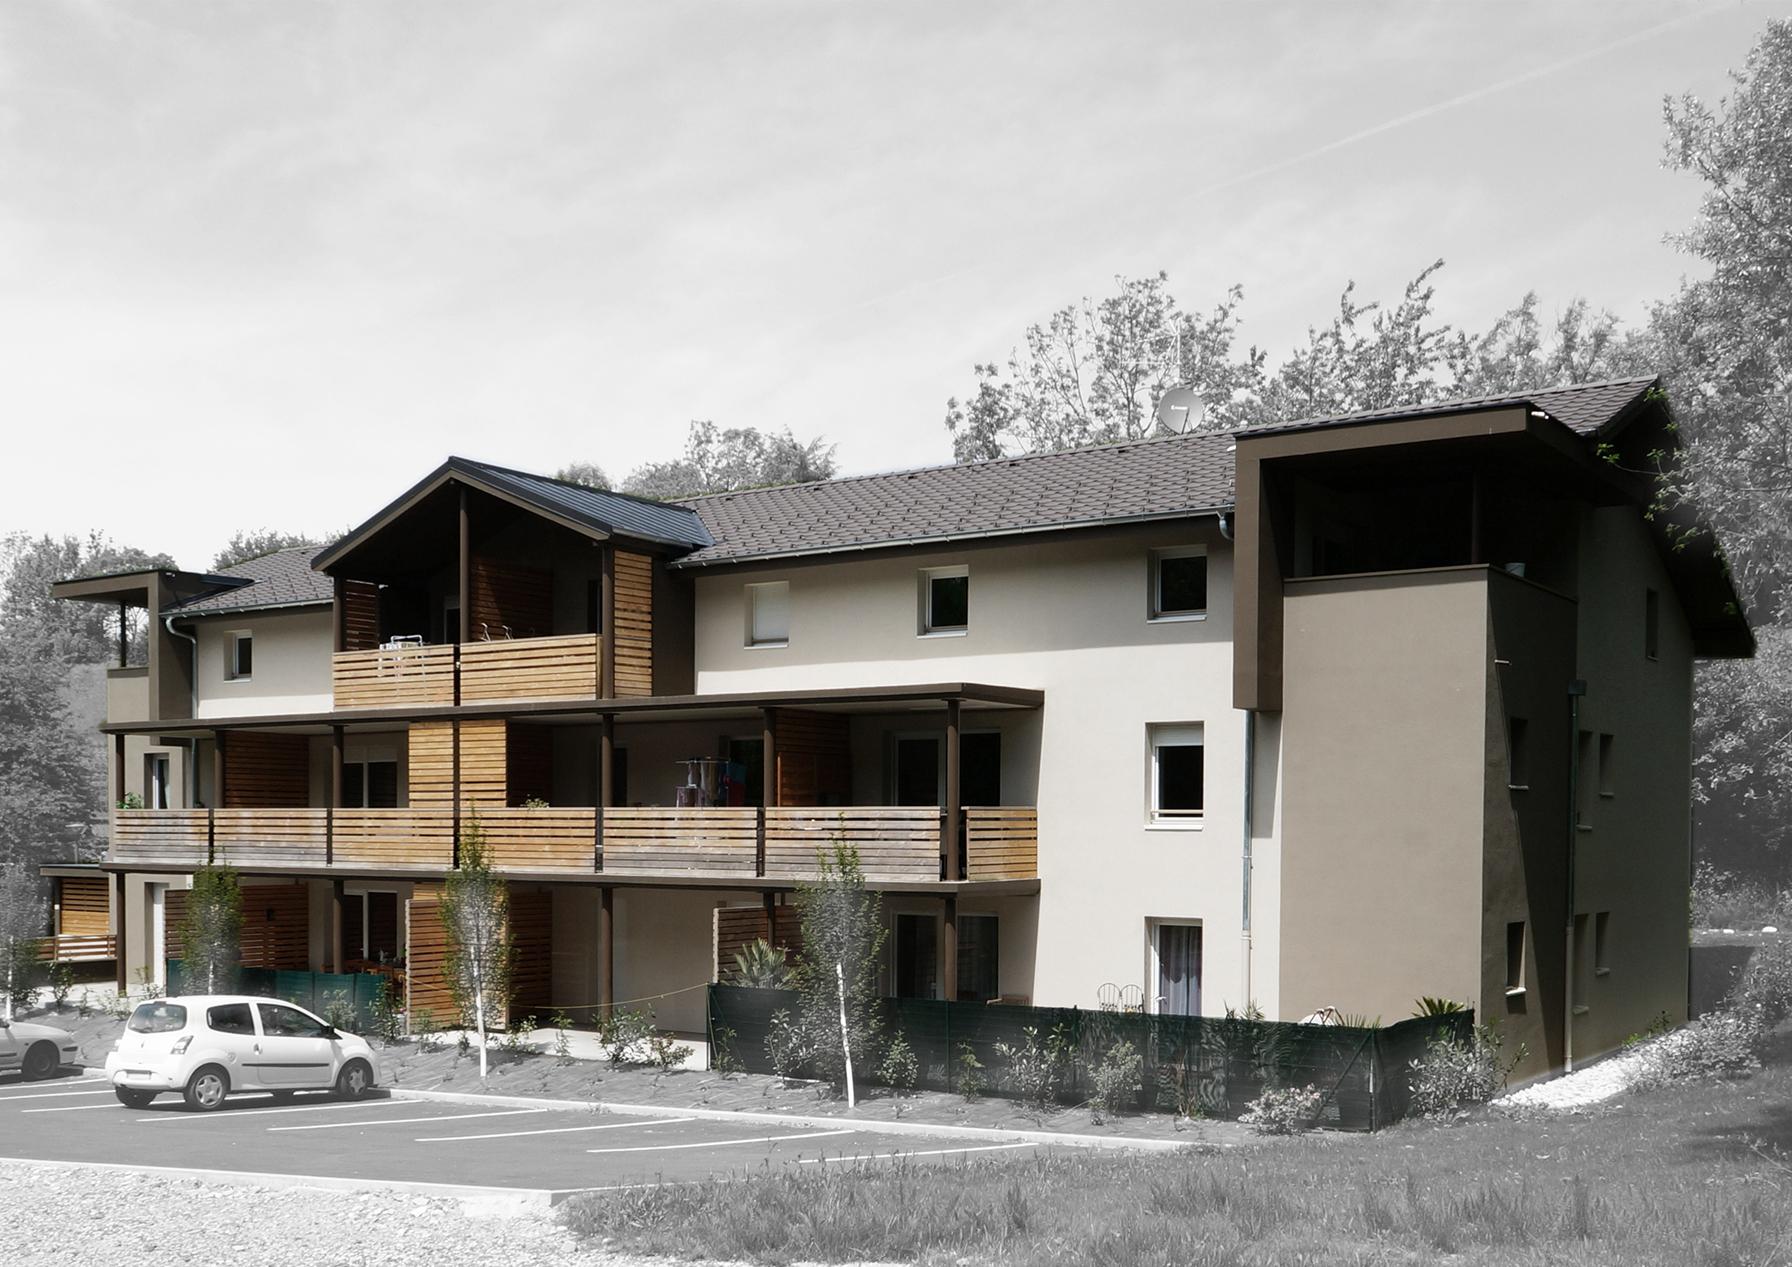 12 Logements à BONNE | Architecte GUYOT Nelly - POULAIN Isabelle |